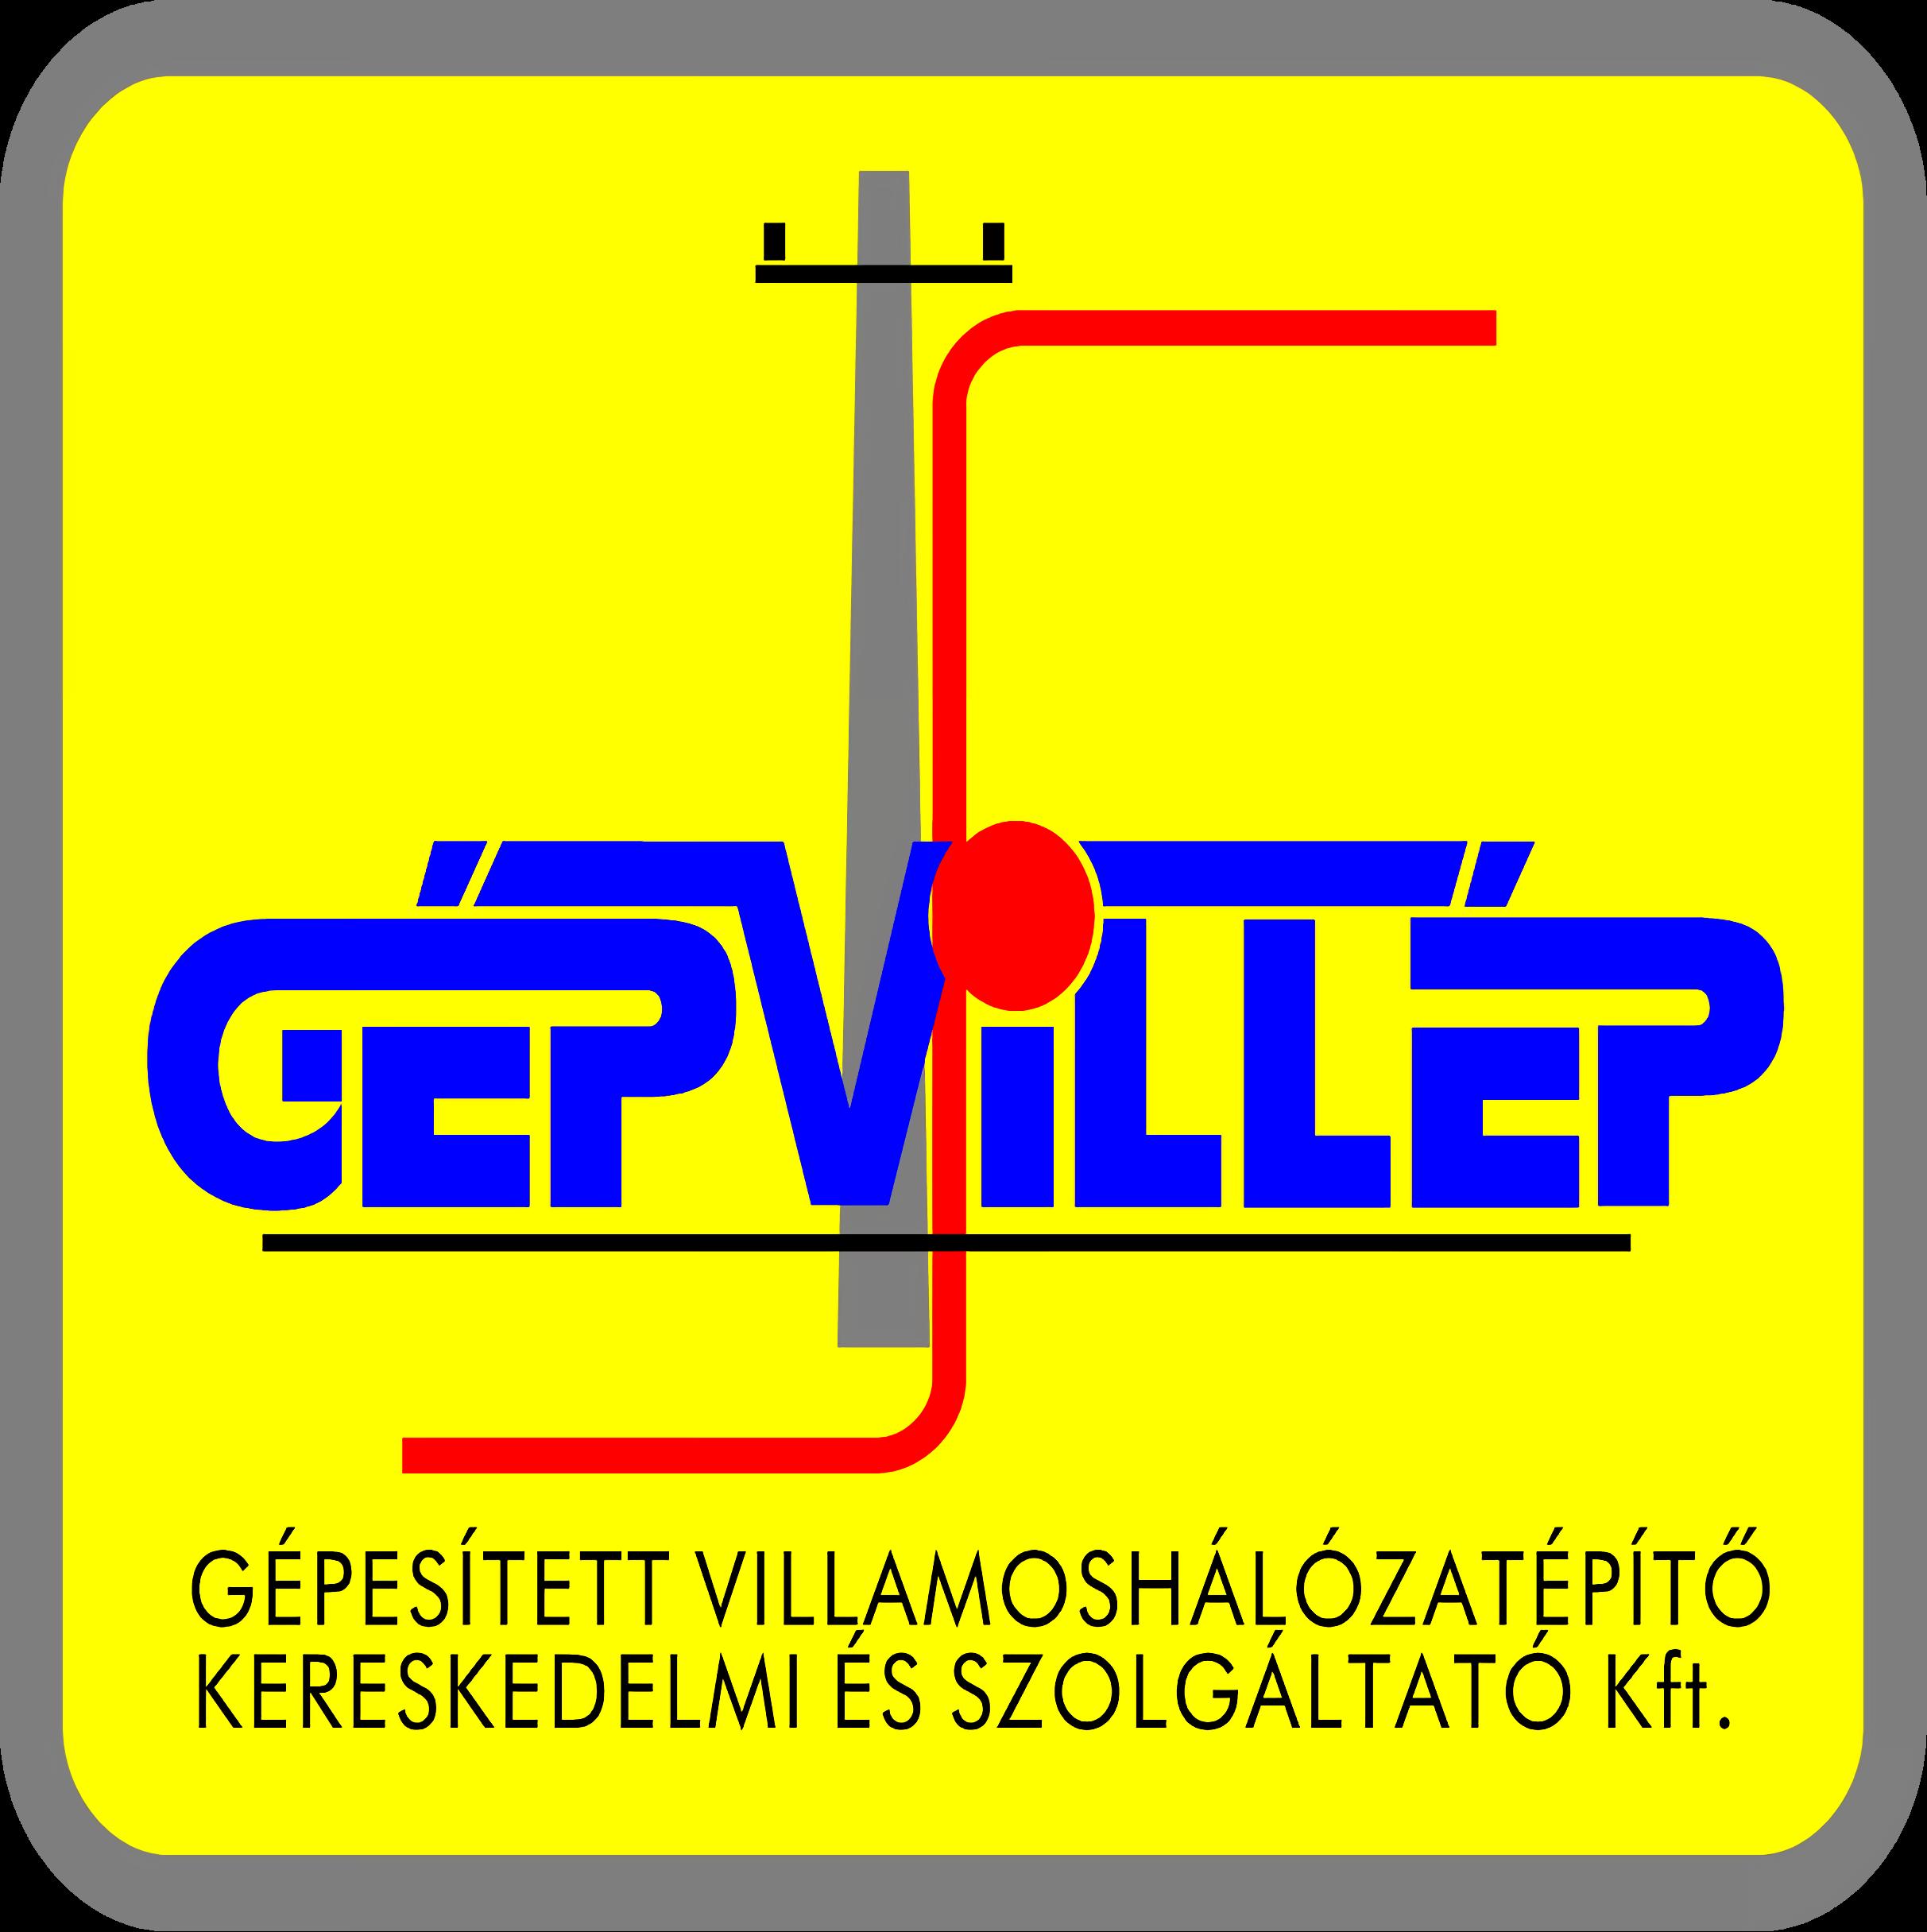 GépVillÉp